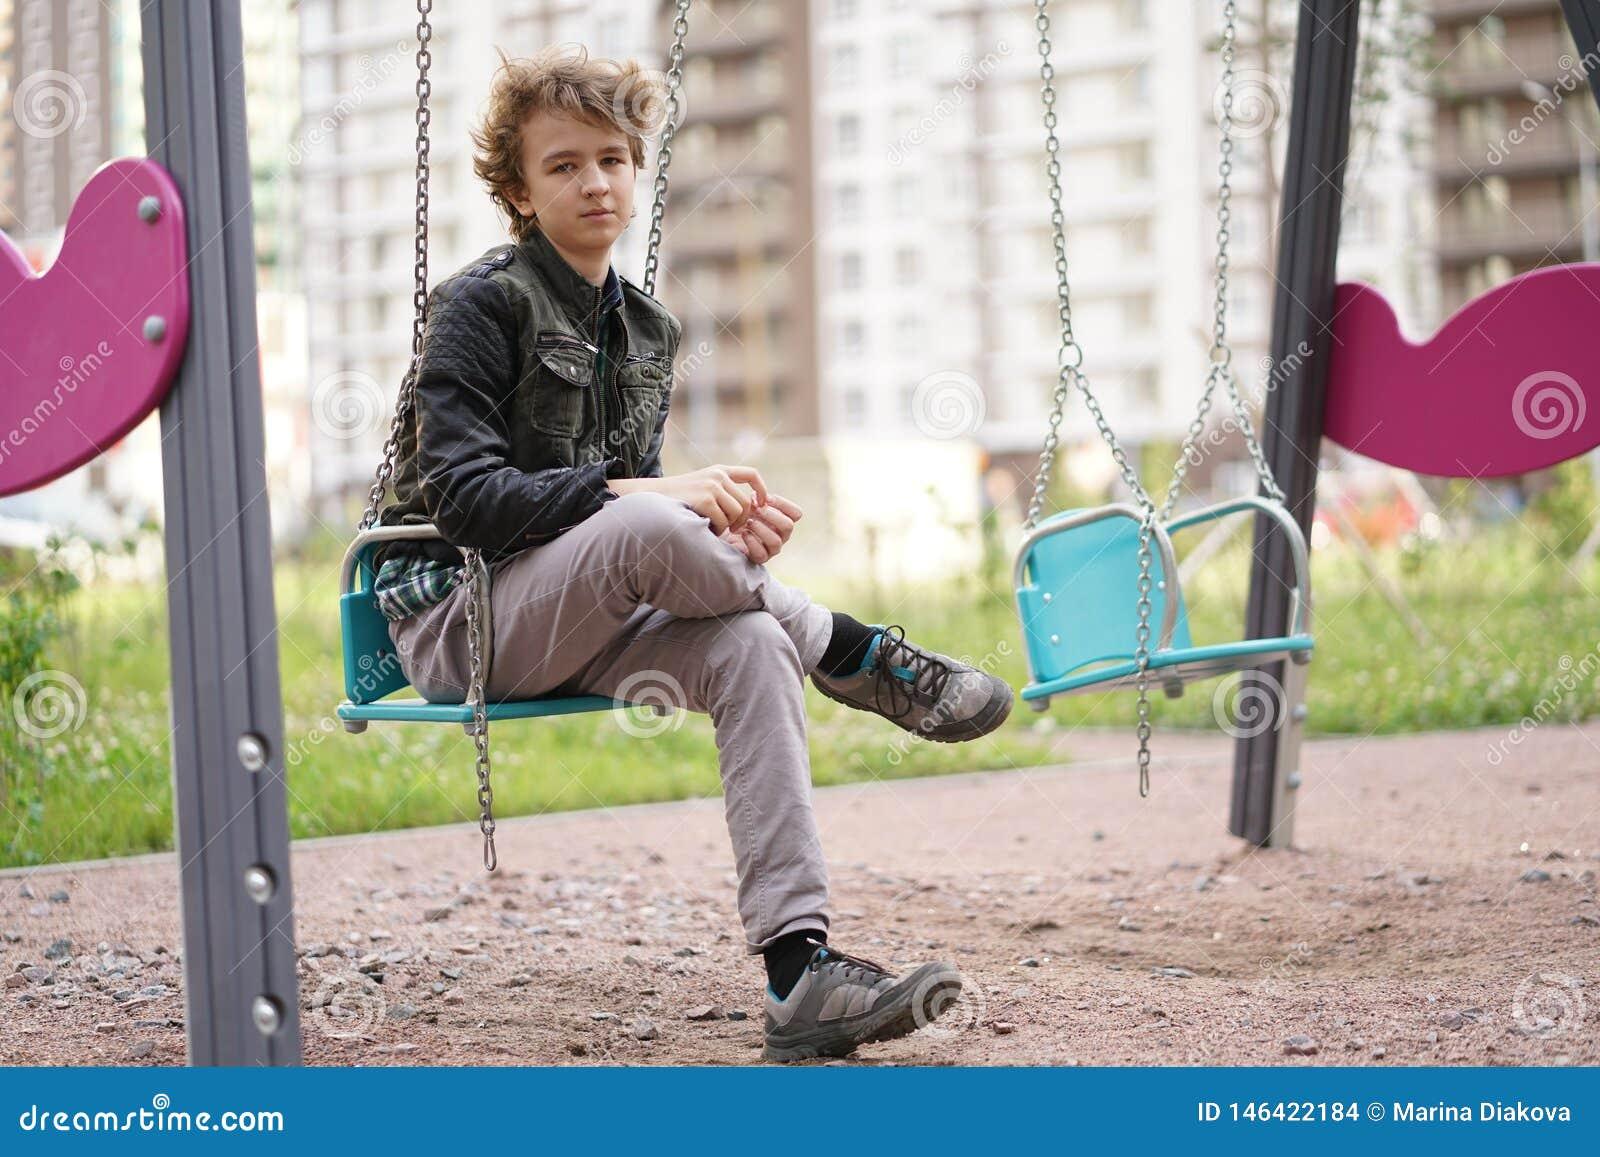 Smutny osamotniony nastolatek plenerowy na boisku szykany adolescencja w komunikacyjnym poj?ciu